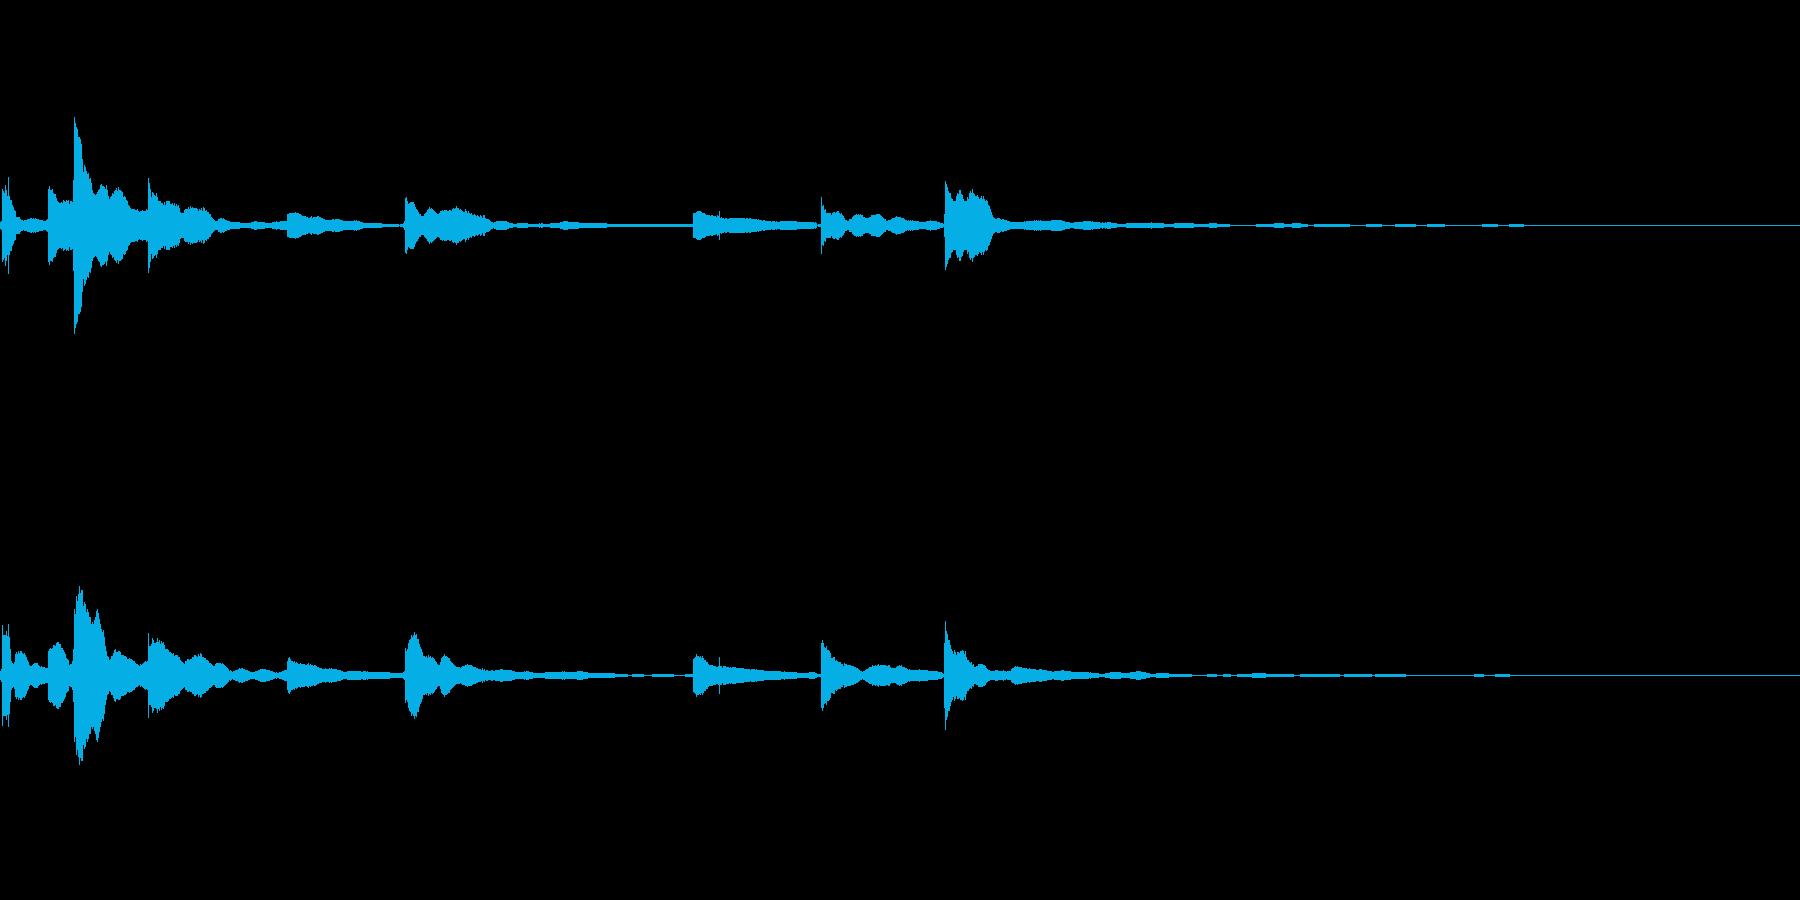 鈴が鳴るの再生済みの波形